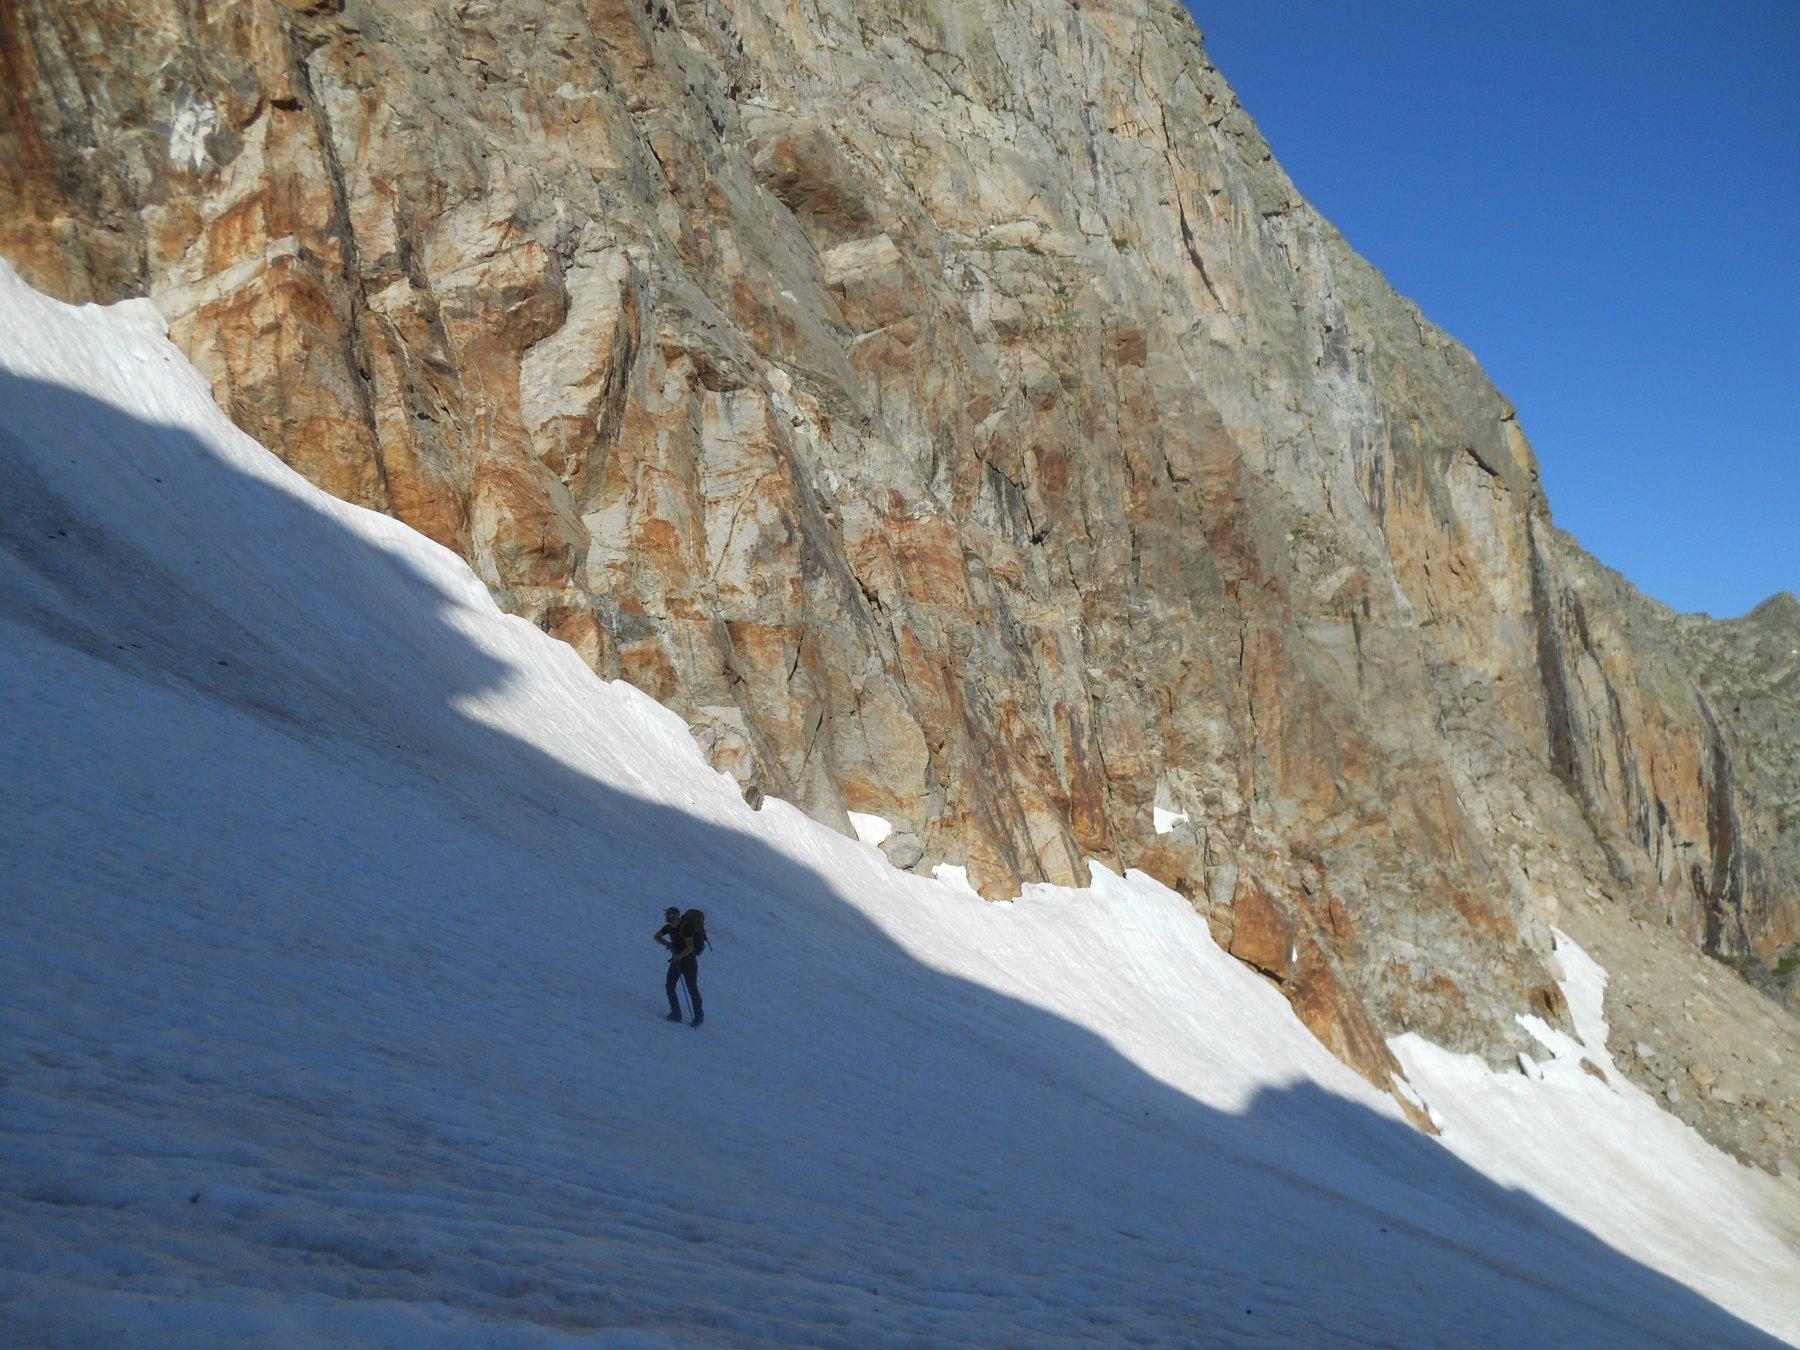 Avvicinamento sulla neve verso il Draoun del Matto